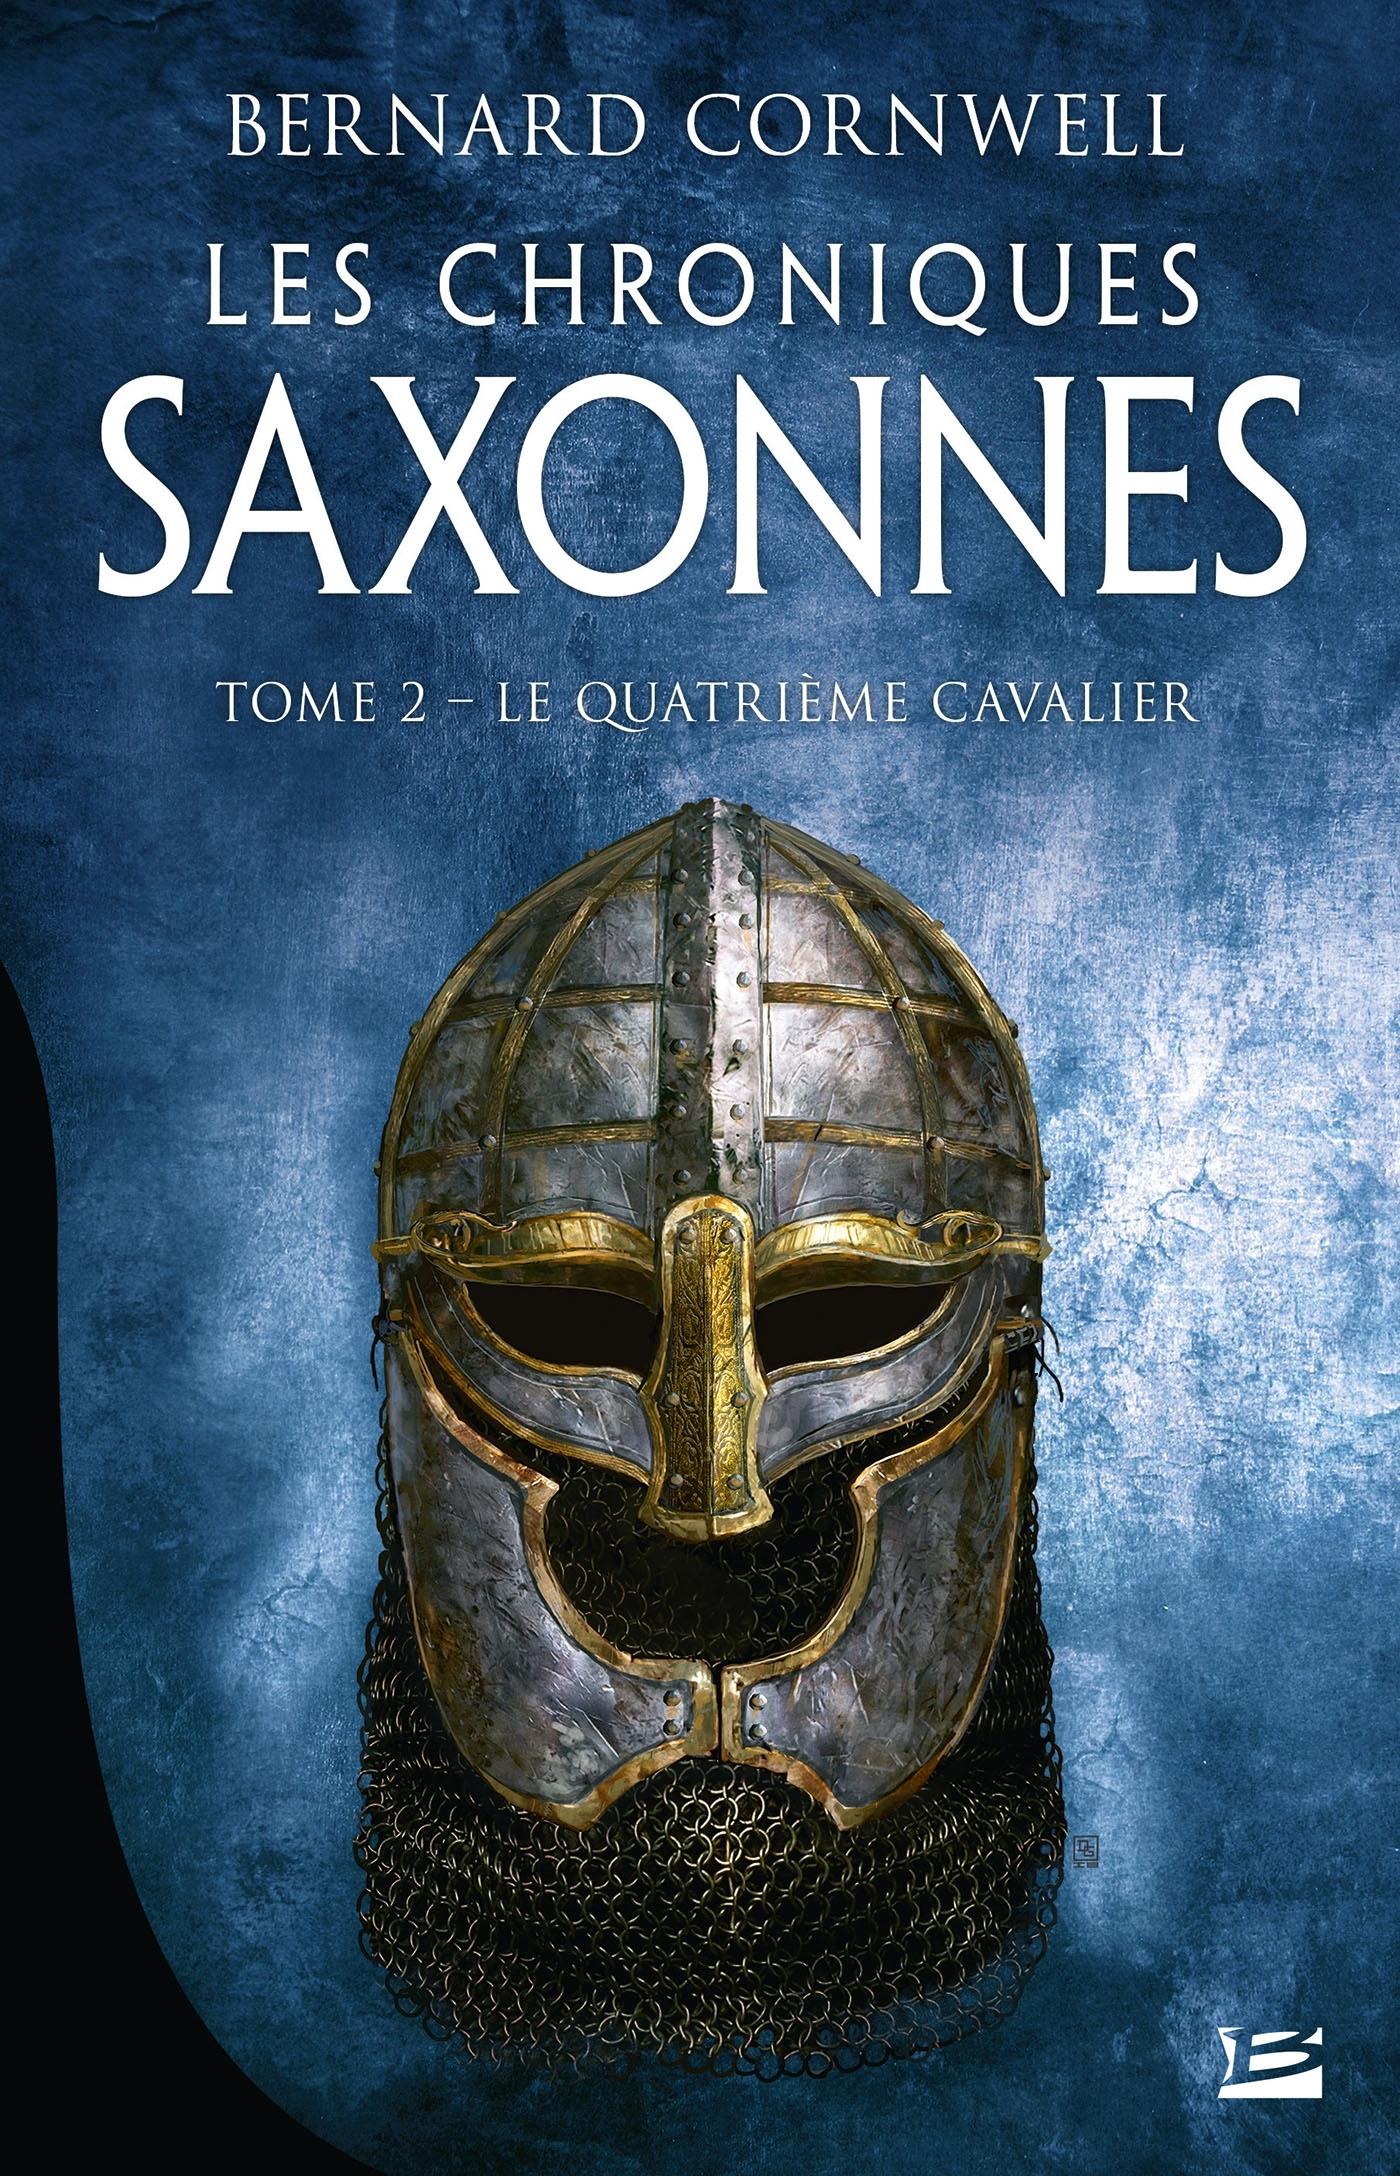 LES CHRONIQUES SAXONNES, T2 : LE QUATRIEME CAVALIER